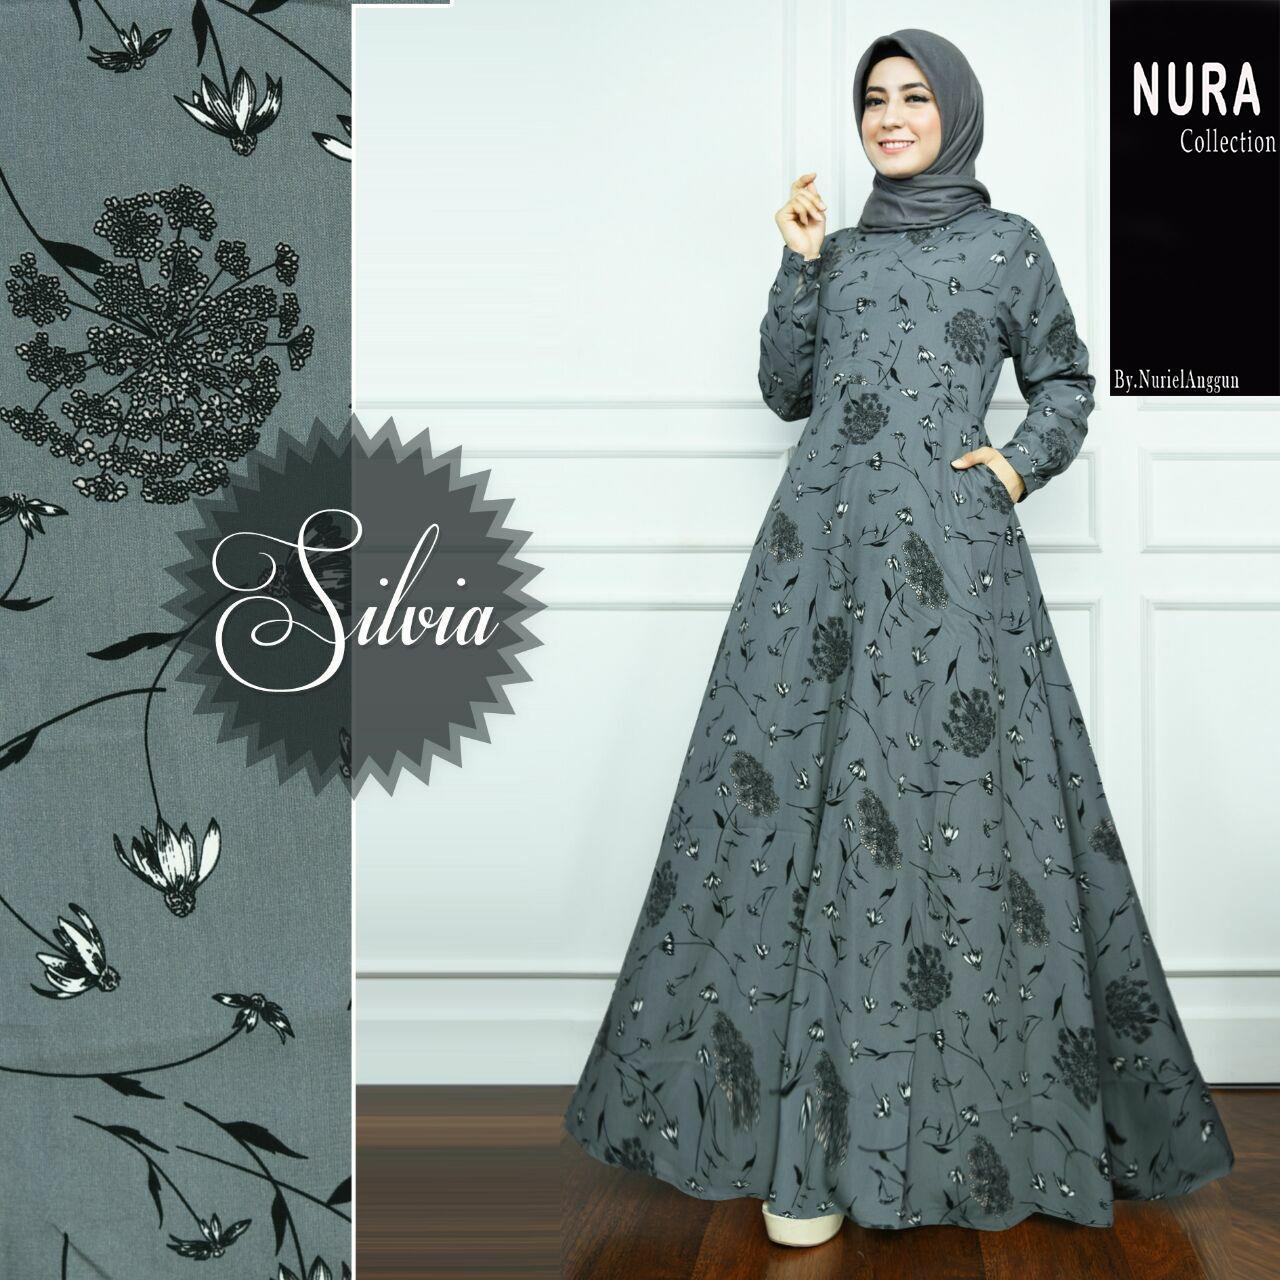 Nuriel Shop – Nura Collection - Baju Gamis Wanita Model Terbaru 2019 – Gamis  Murah – 71293c927c